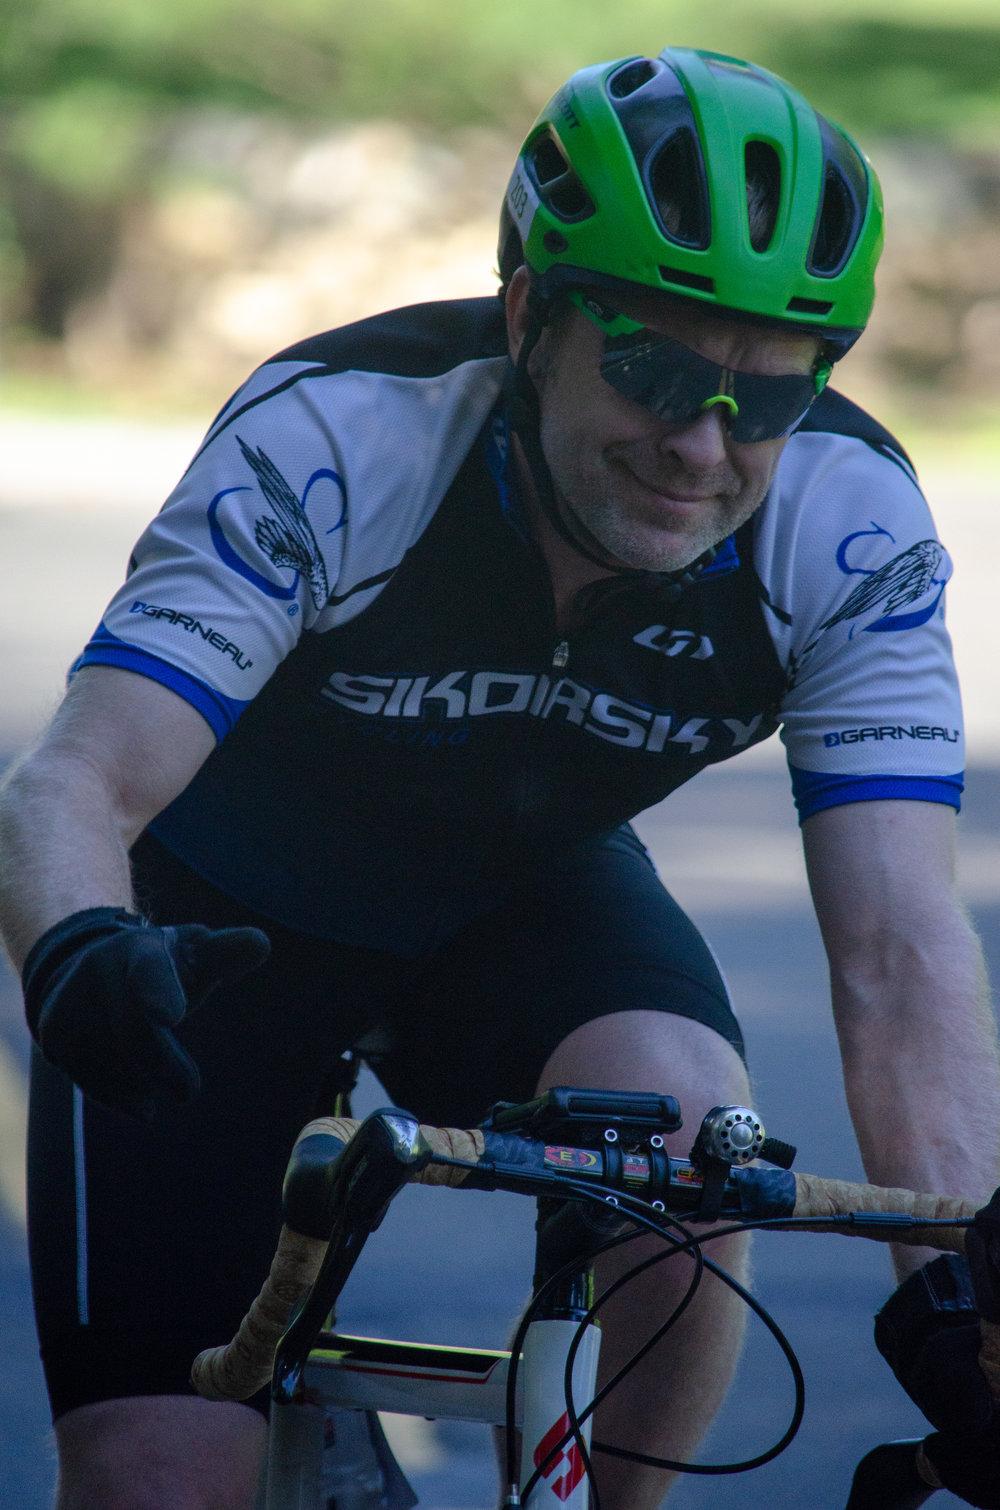 Riders_DSC_0810.jpg